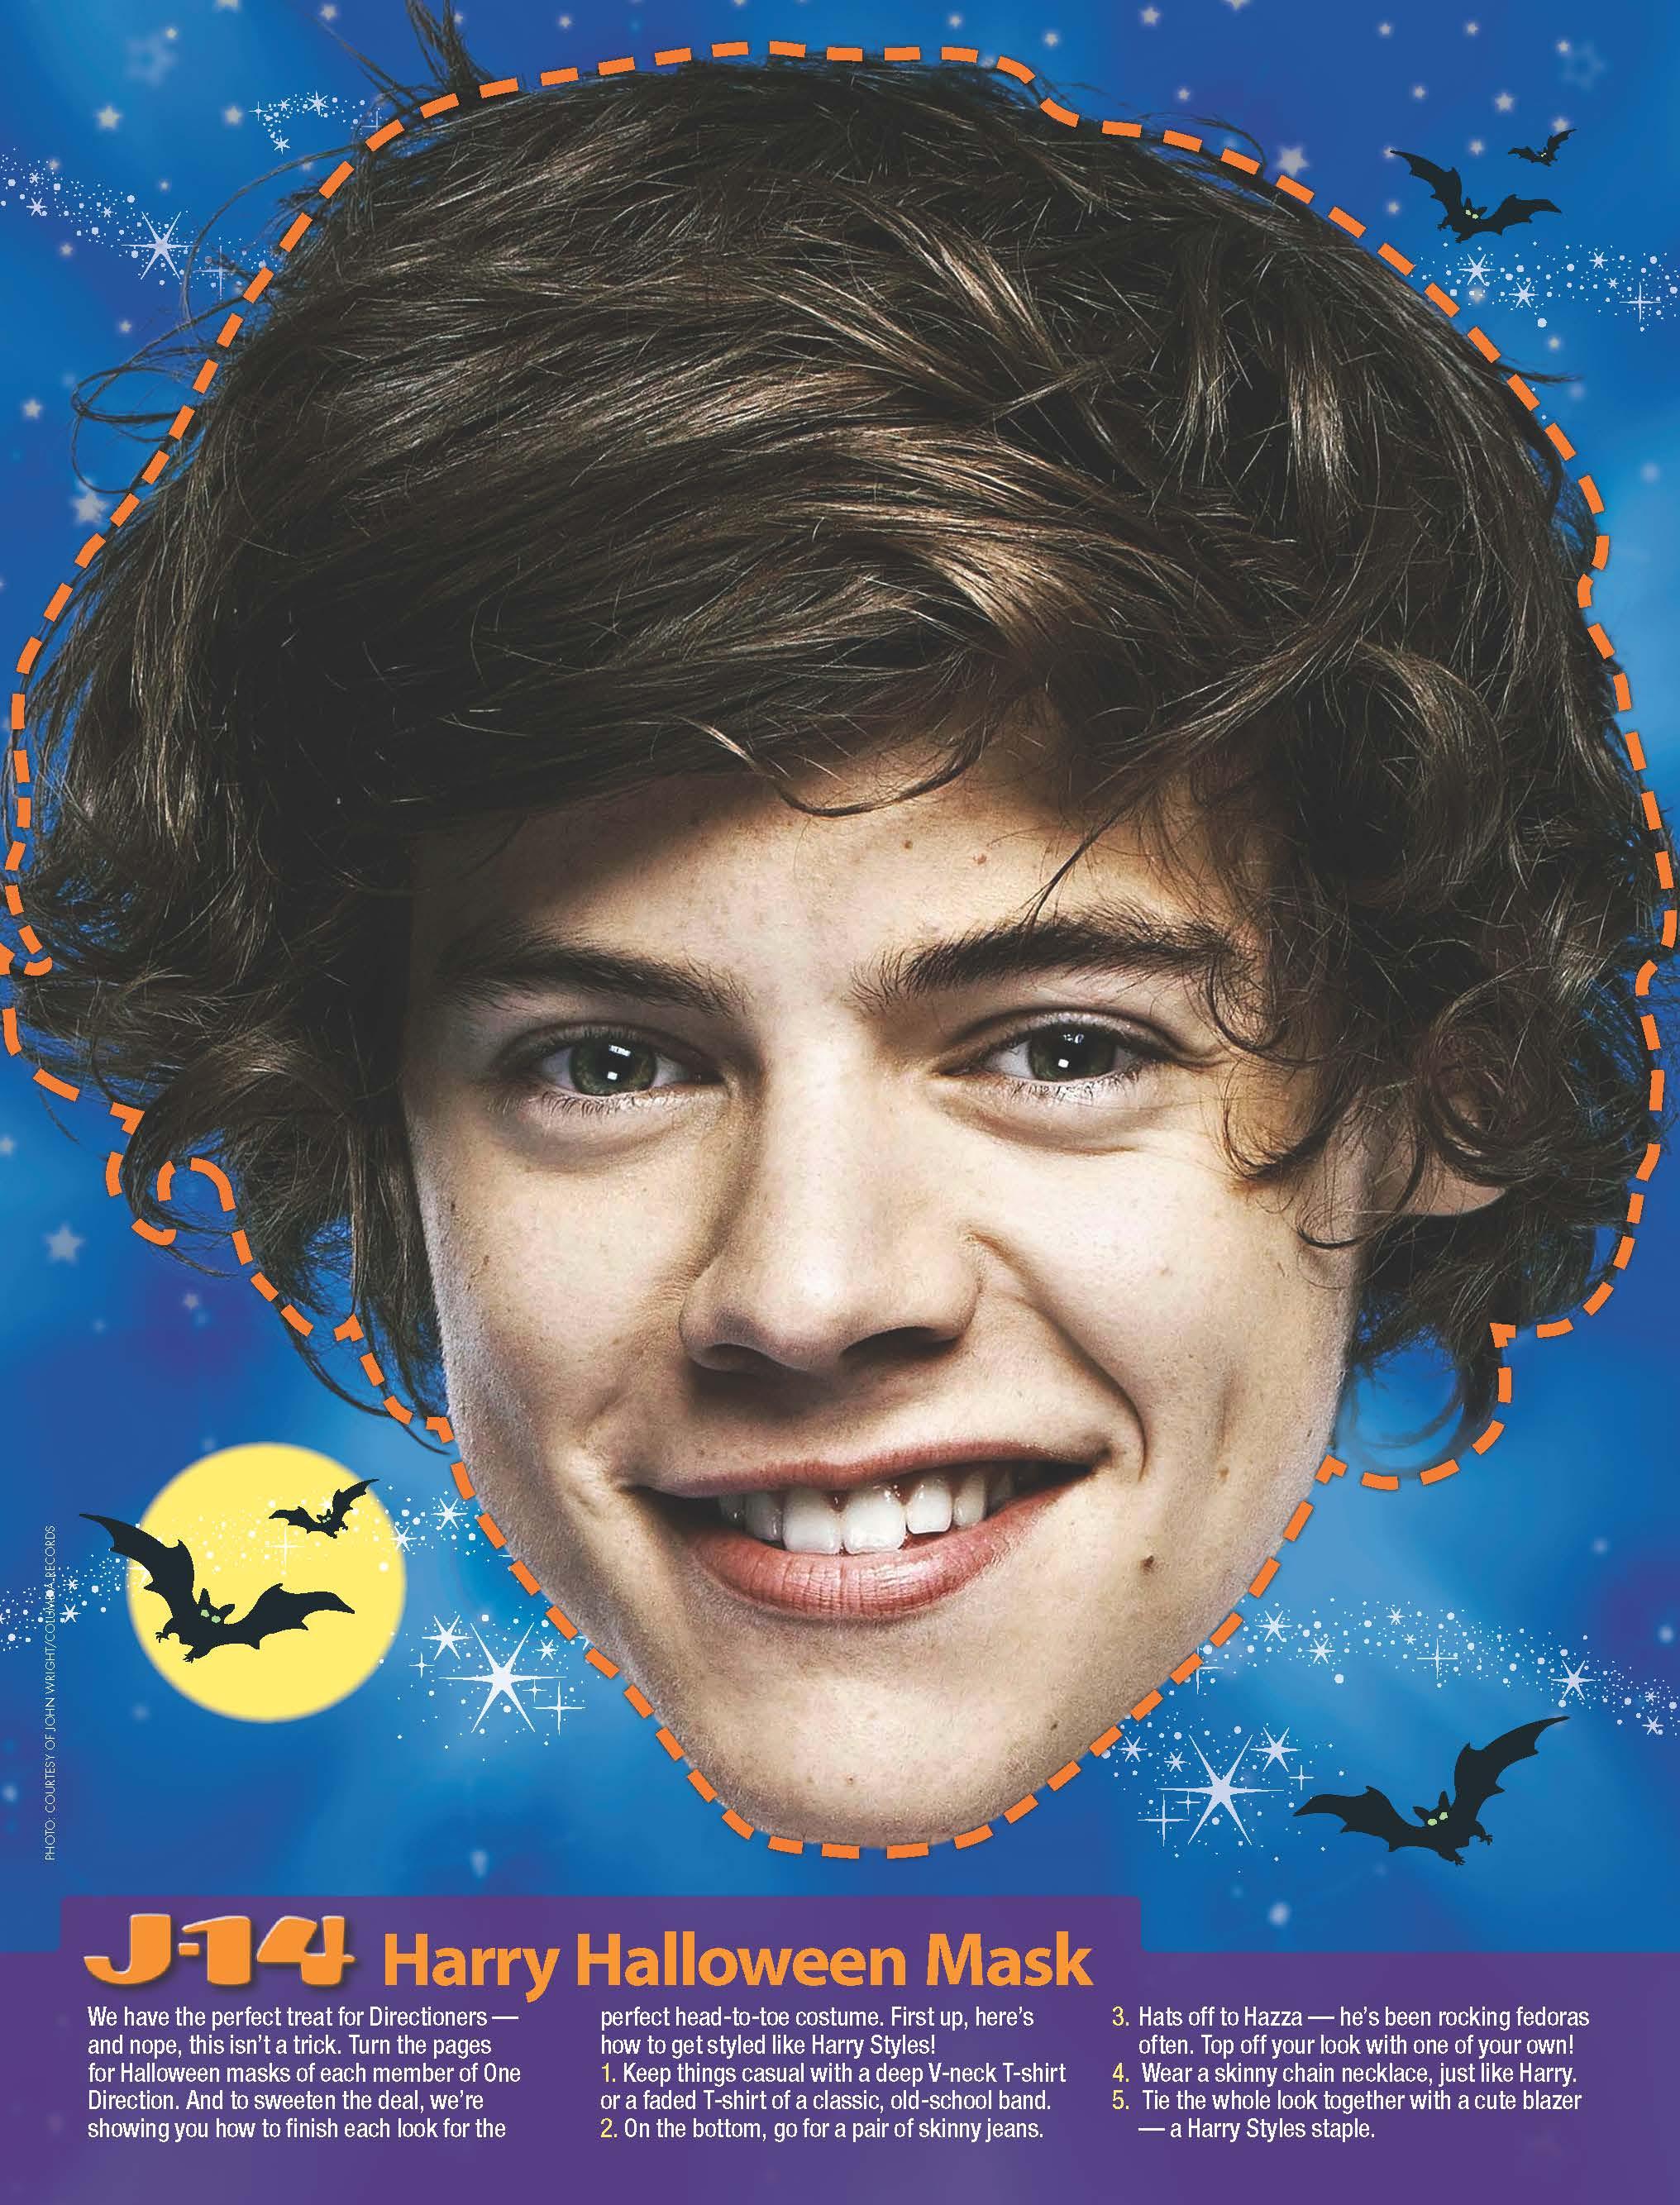 J14-1311--Harry Poster.jpg